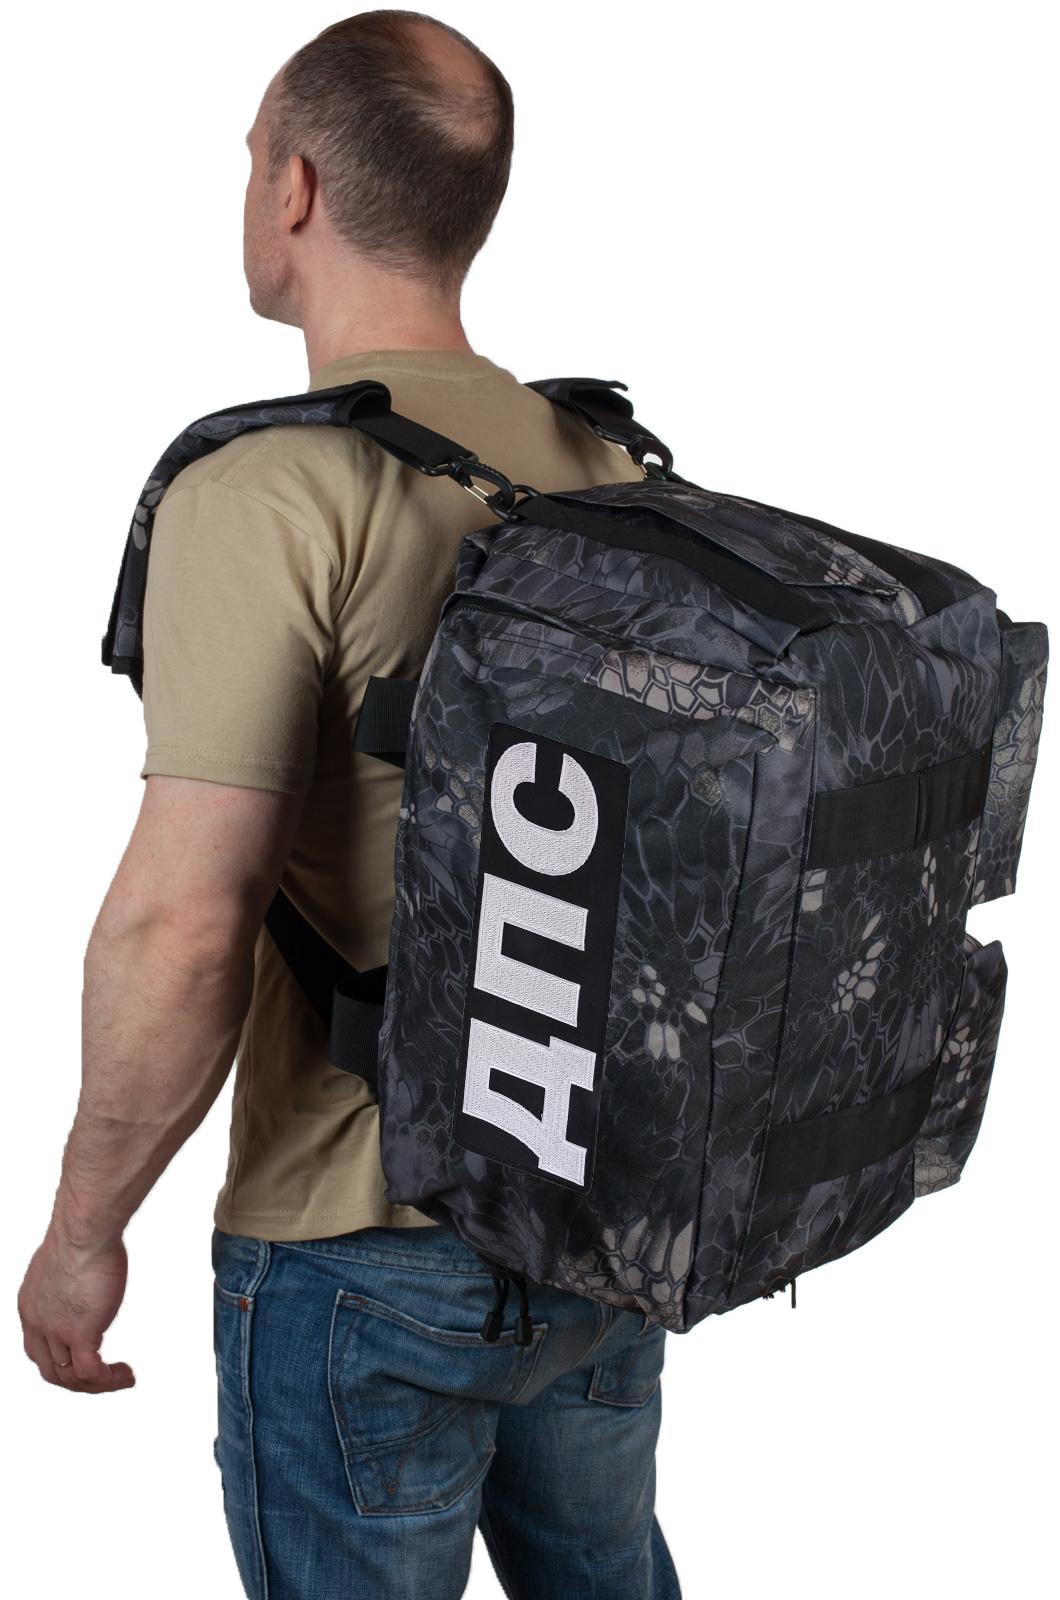 Купить тактическую заплечную сумку ДПС по выгодной цене